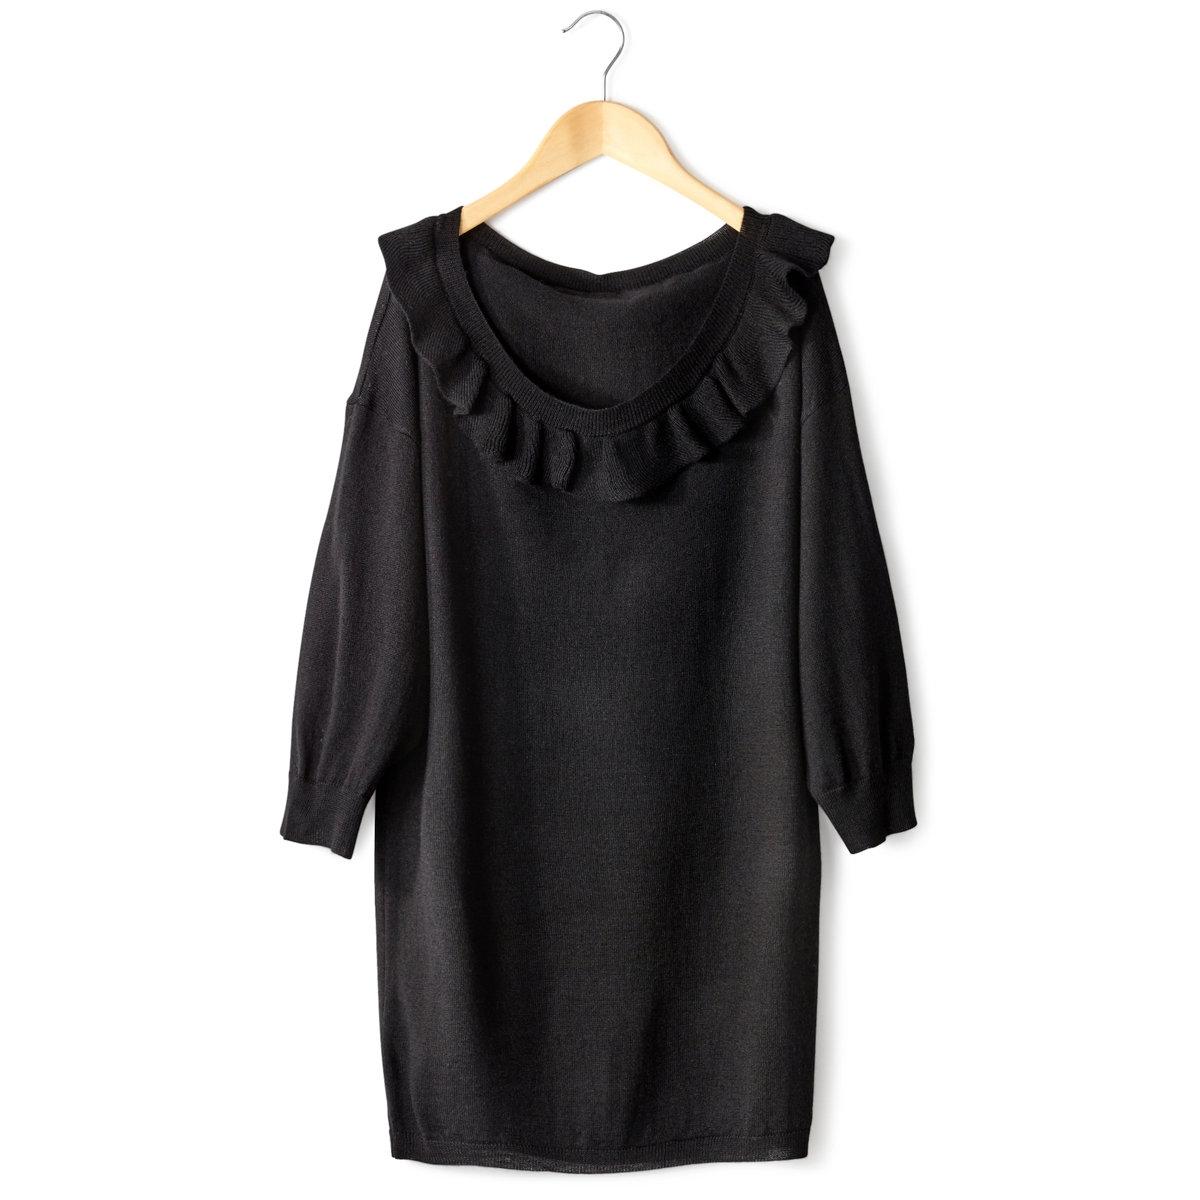 Пуловер с рукавами 3/4Пуловер с рукавами 3/4. Состав : 35% вискозы, 30% шерсти, 30% полиамида, 5% кашемира. Закруглённый вырез, украшенный воланом. Длина 67 см.<br><br>Цвет: черный<br>Размер: 34/36 (FR) - 40/42 (RUS)